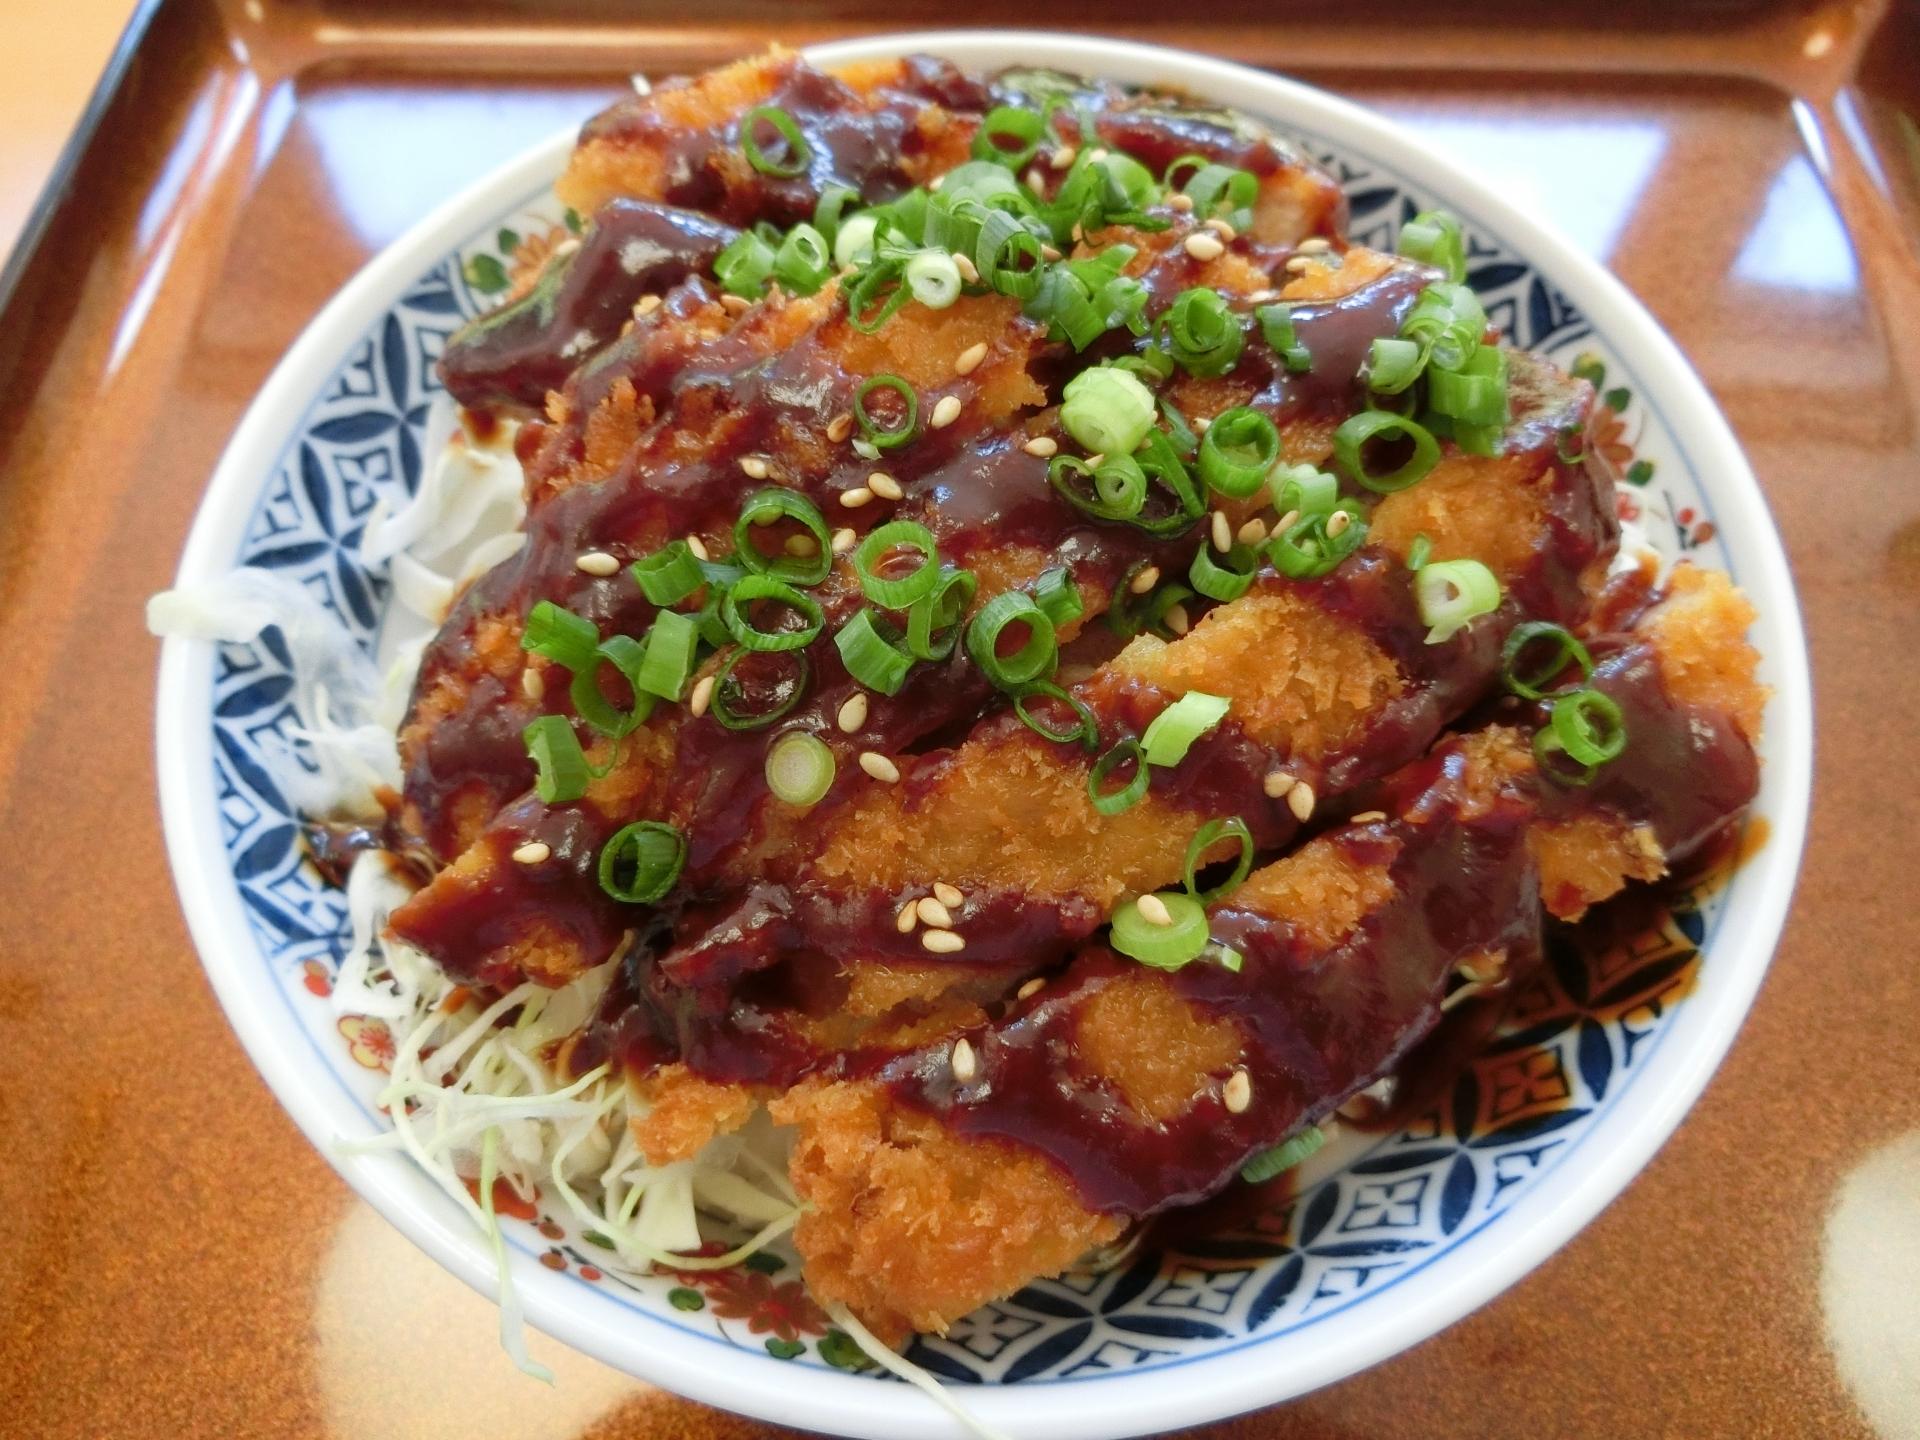 洋食工房パセリはデカ盛りメニューが人気の名古屋の名店!おすすめは?